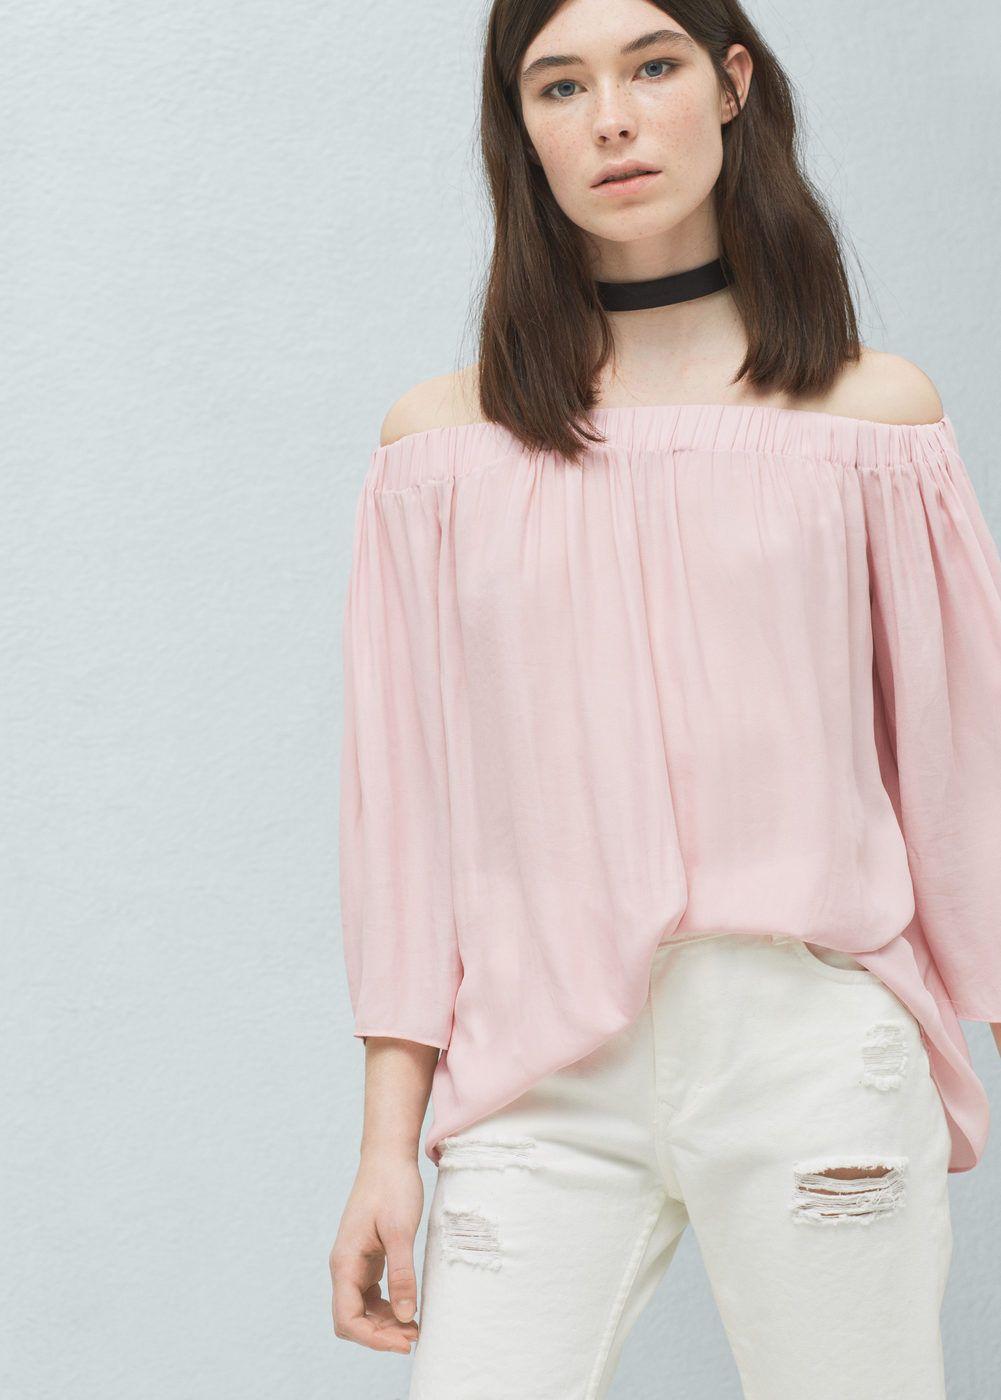 214a4b69f82 Off-shoulder blouse - Woman | OffShoulder | Blouse, Shirt blouses ...